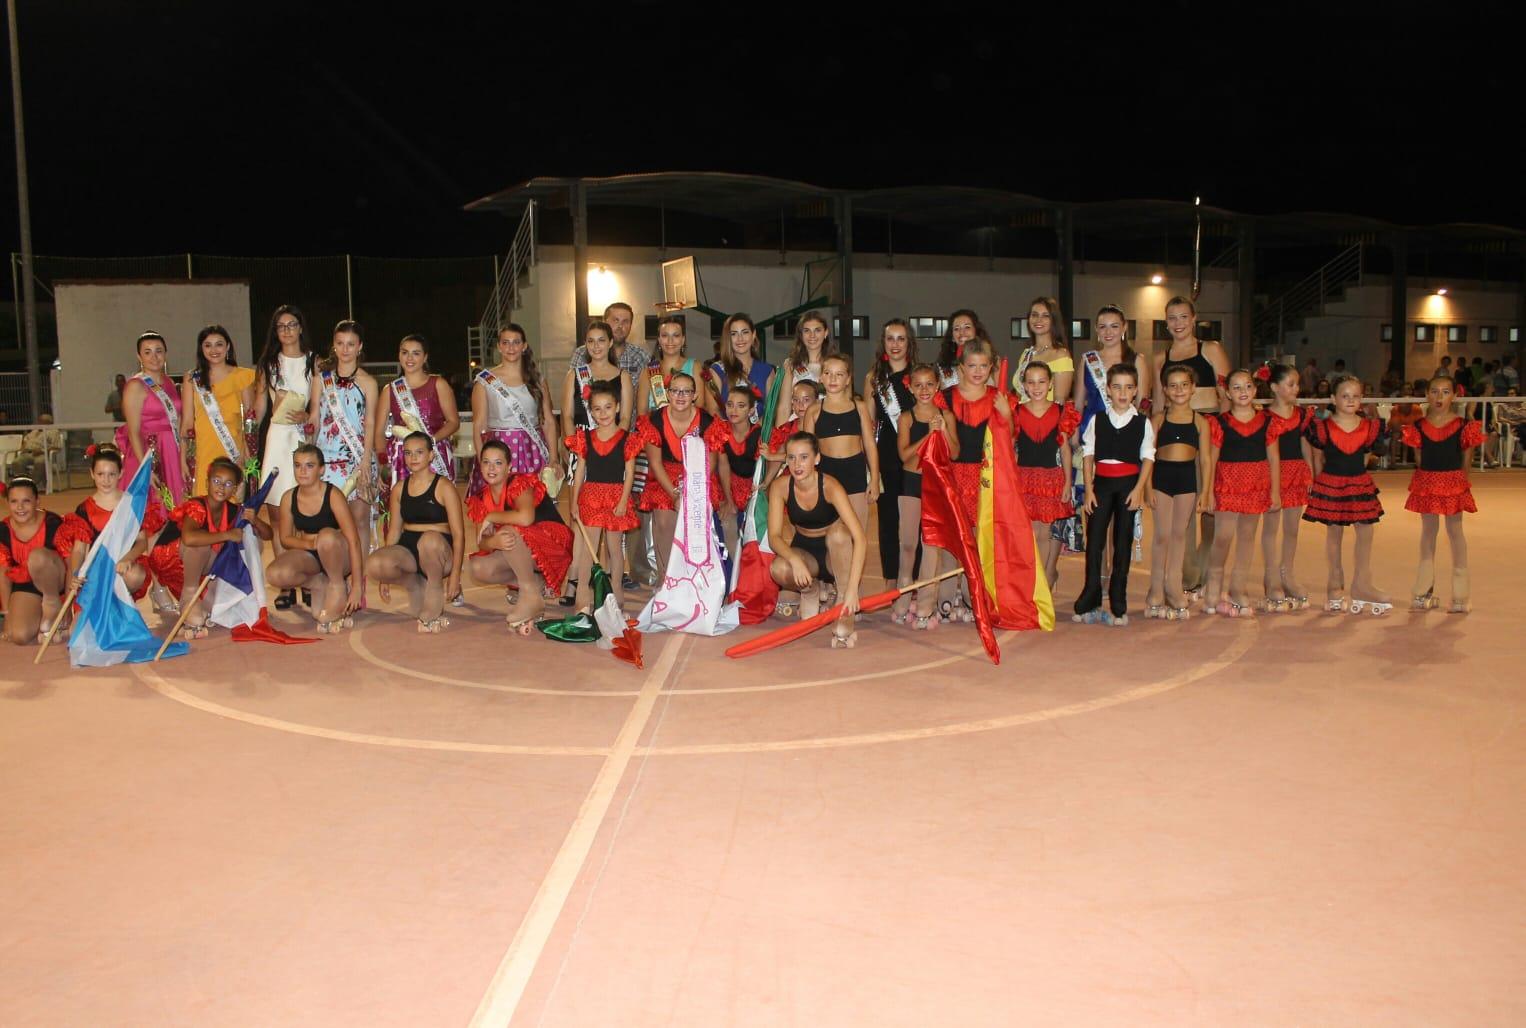 Patinadores y patinadoras hicieron las delicias del público asistente con una muestra de sus ejercicios con los cuales se hizo una recreación de la cultura de diferentes países de todo el mundo.